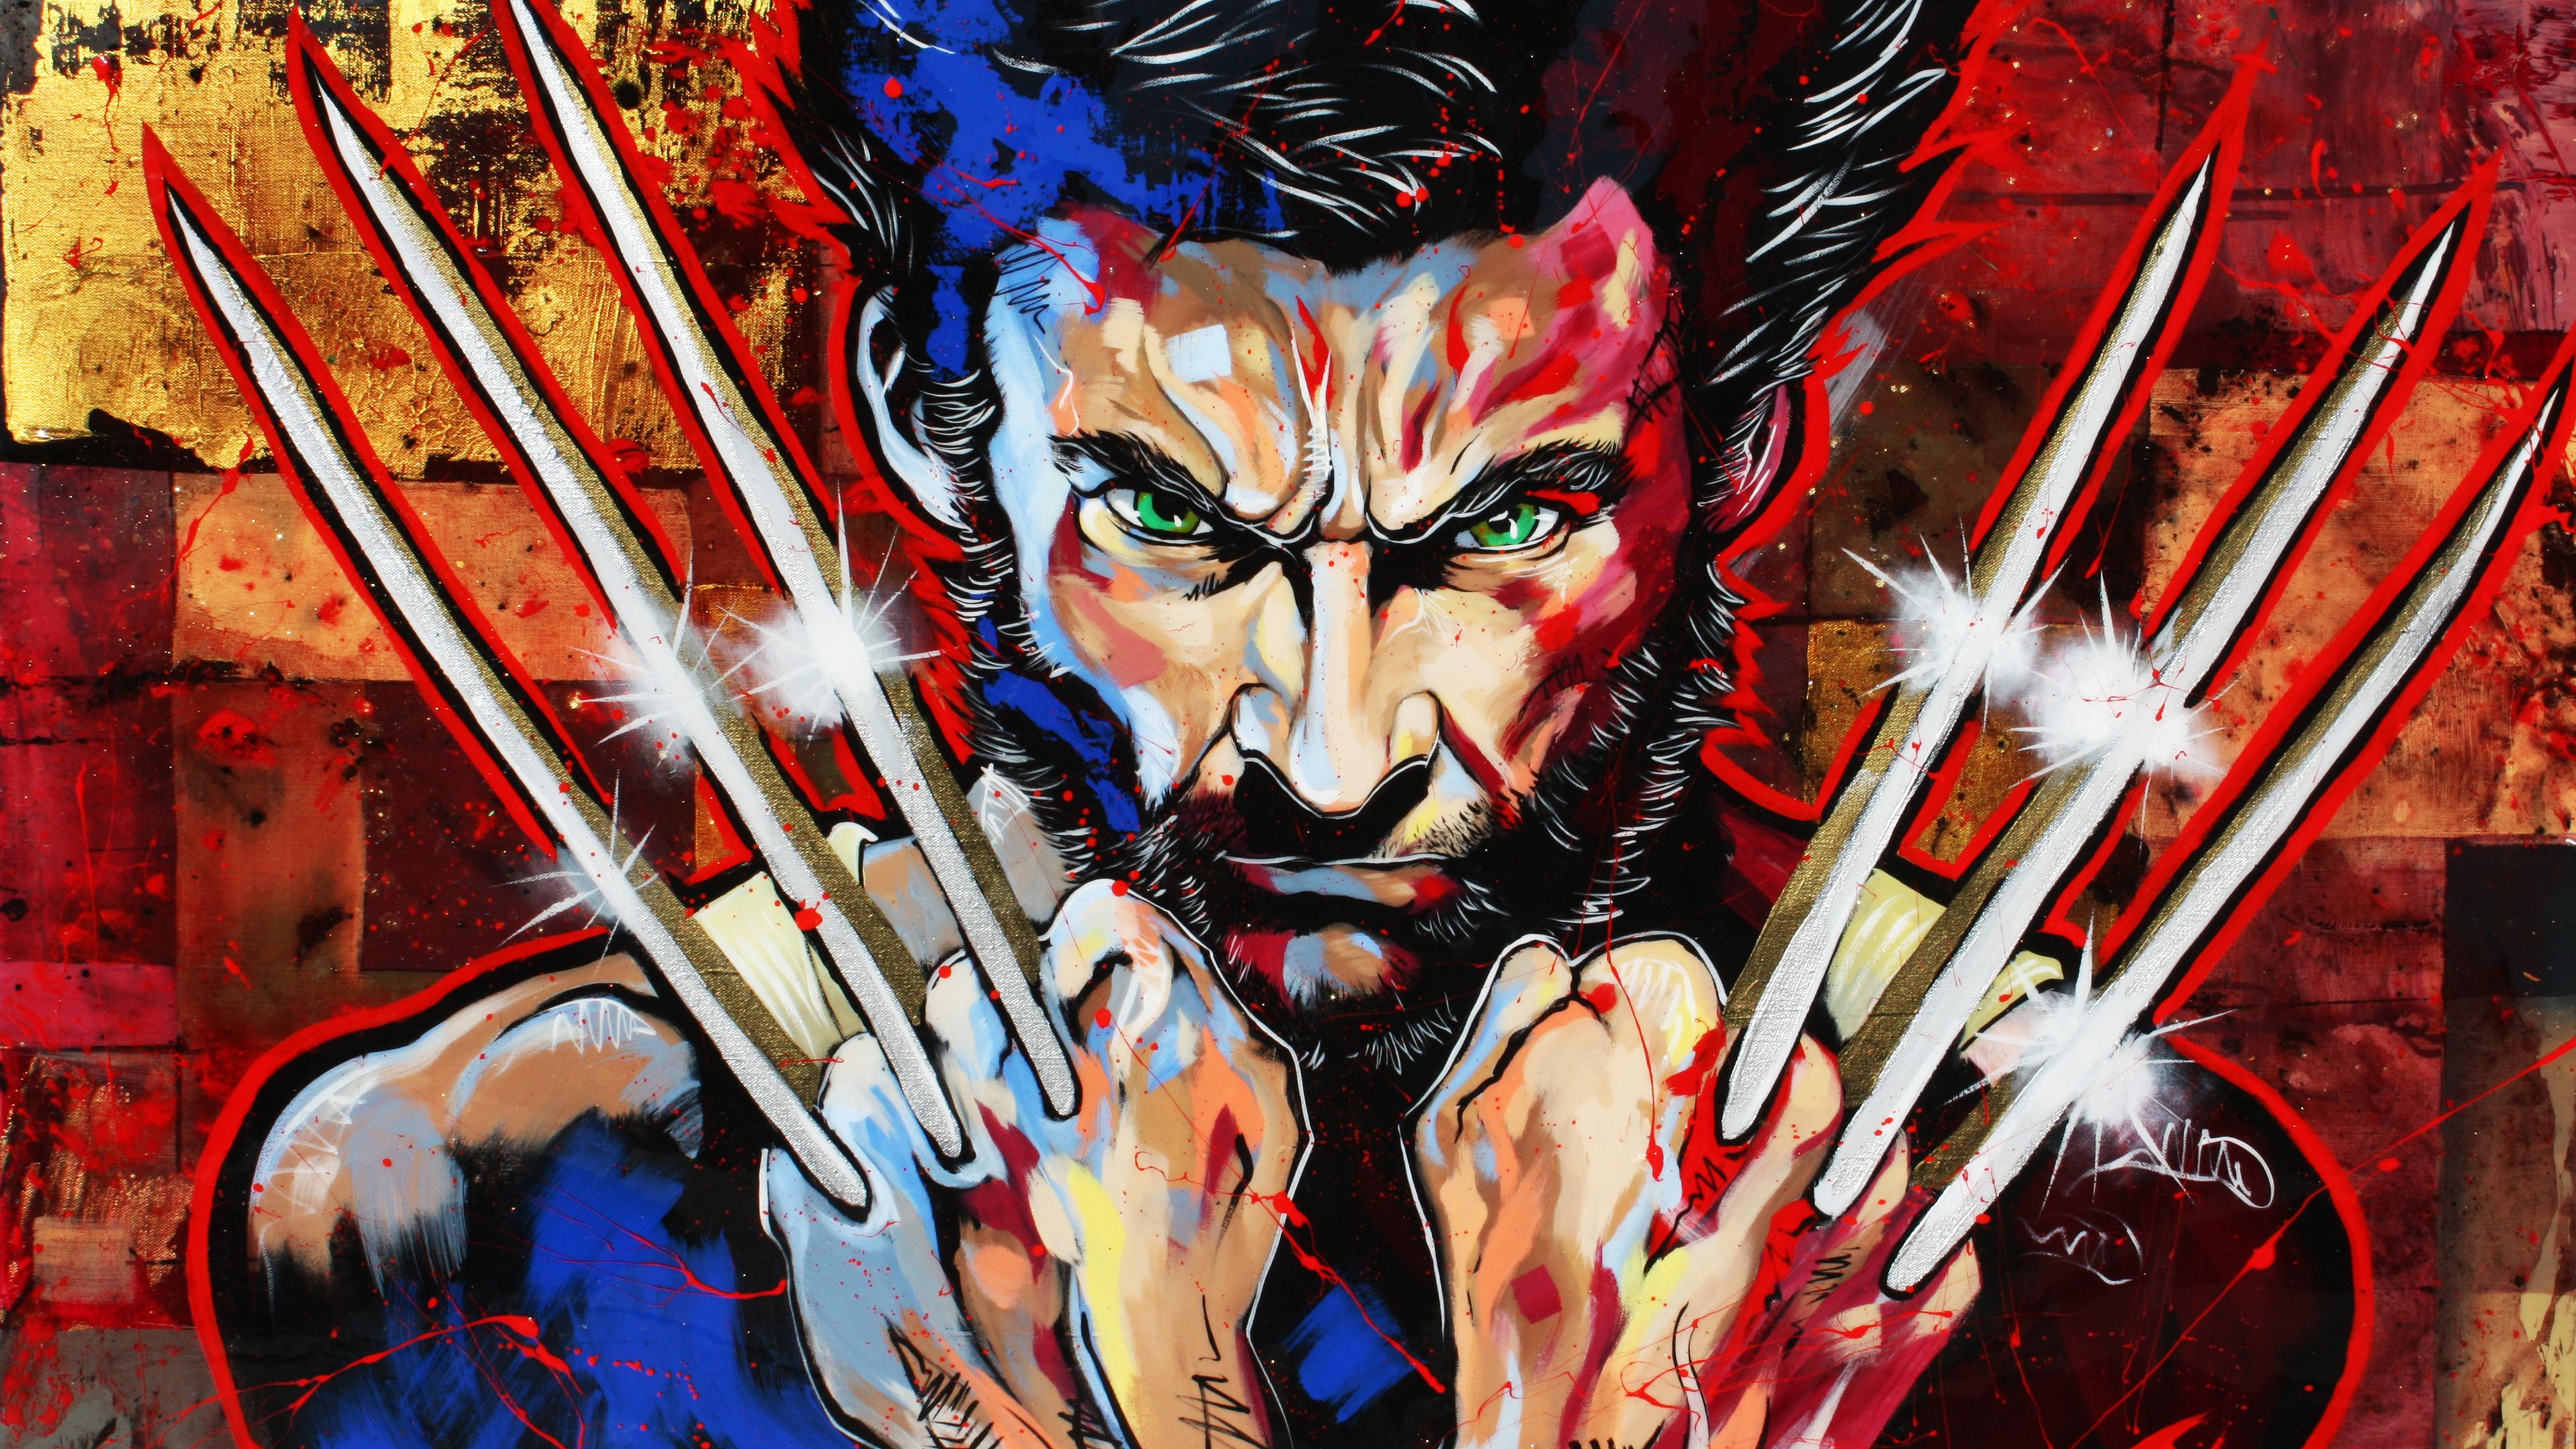 Wallpaper 4k Wolverine 4k 4k Wallpapers Hd Wallpapers Superheroes